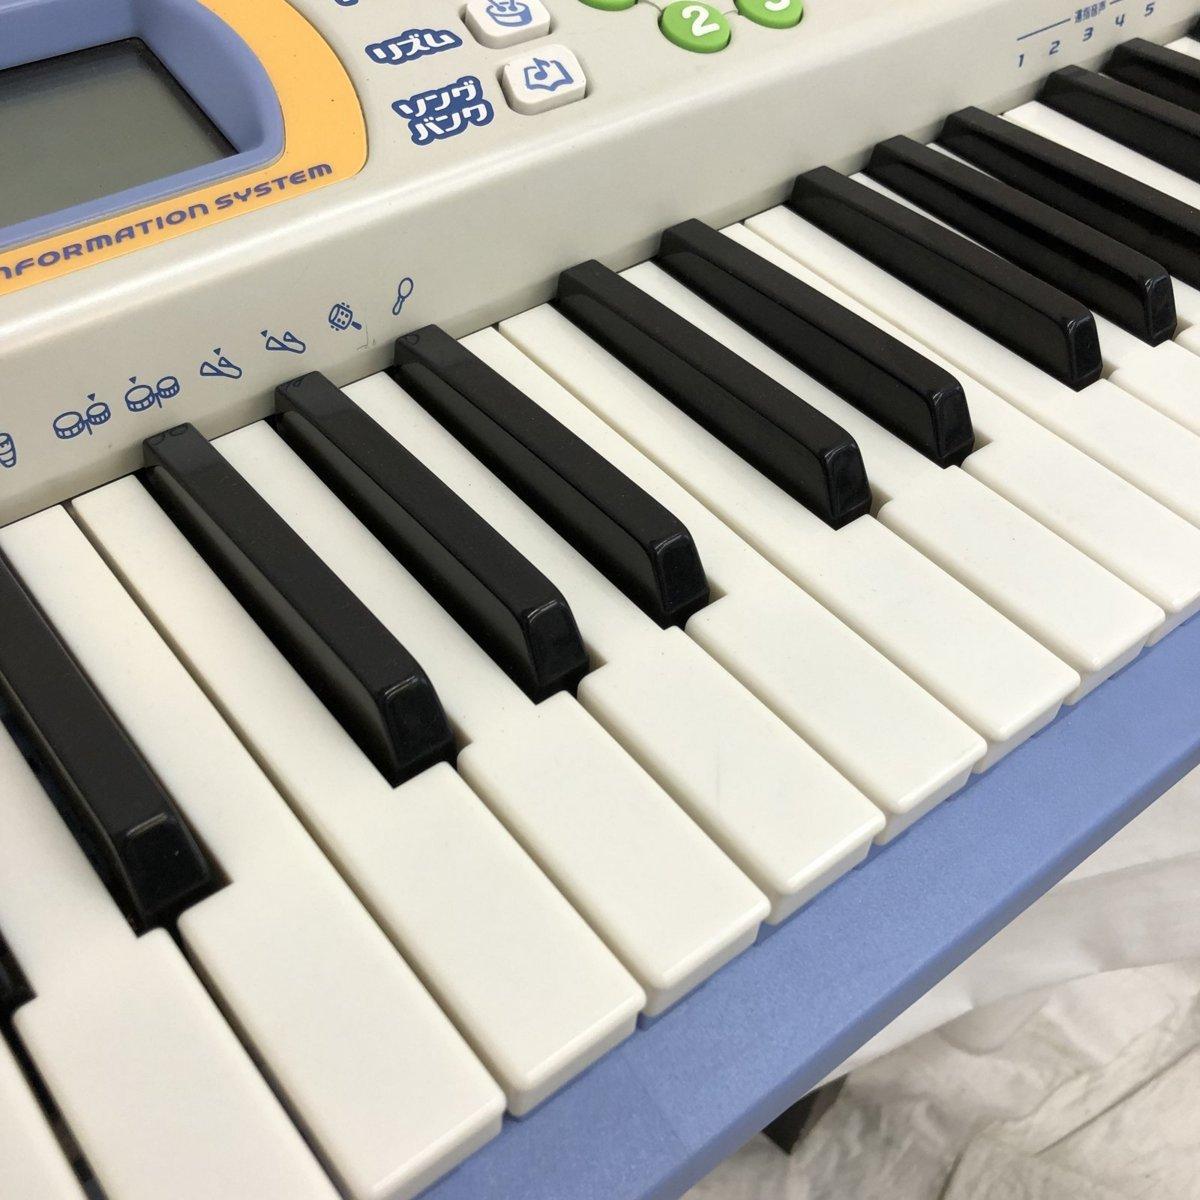 中古 CASIO カシオ 電子キーボード 光ナビゲーション LK-101 61鍵盤 グレー ブルー ポップカラー 電子ピアノ 鍵盤楽器 H15605_画像4